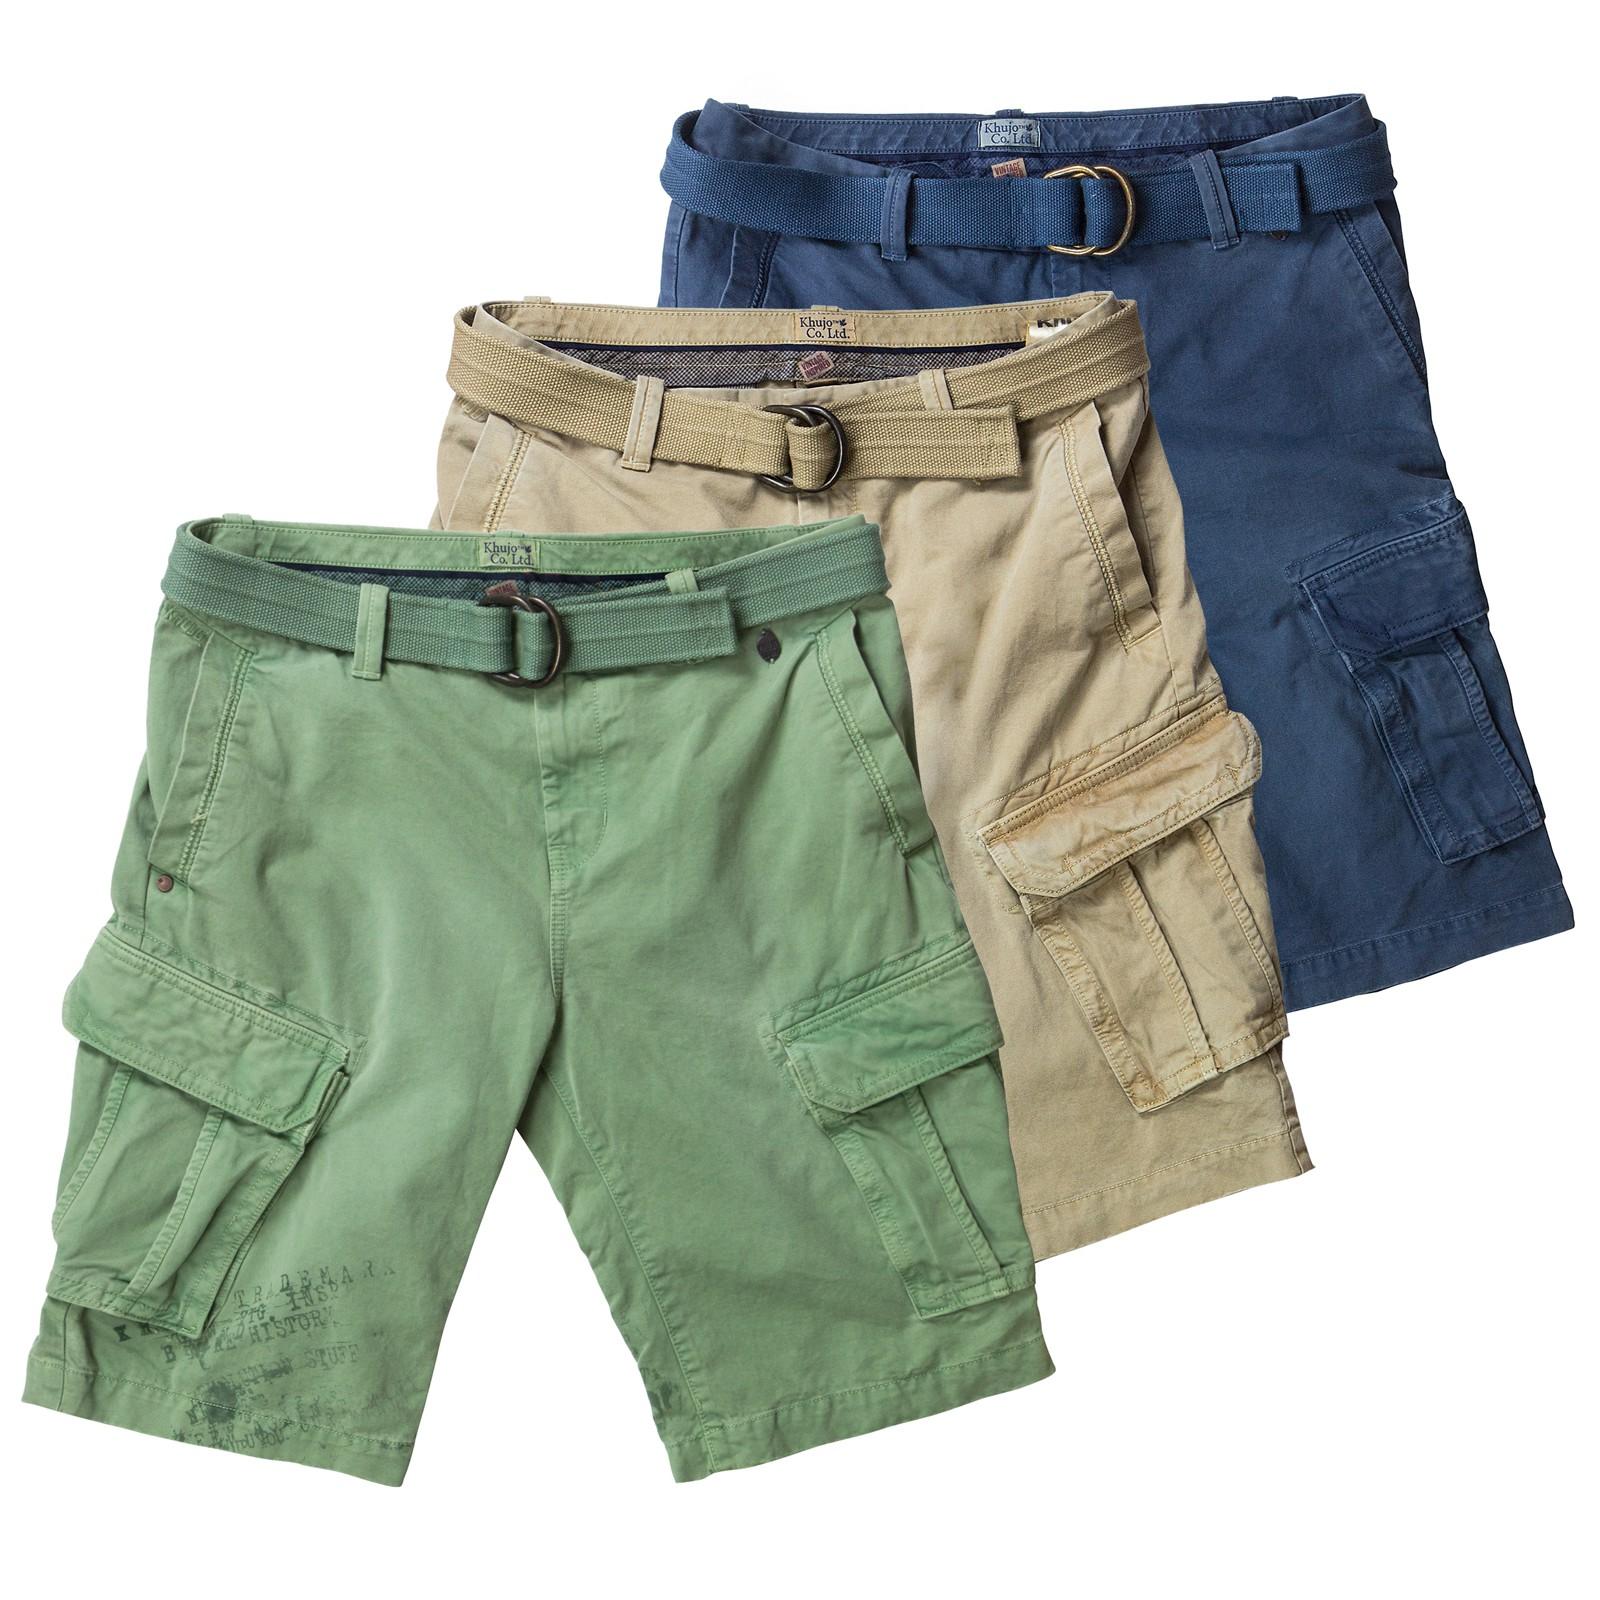 khujo herren cargo shorts herrenshorts cargoshorts kurze. Black Bedroom Furniture Sets. Home Design Ideas